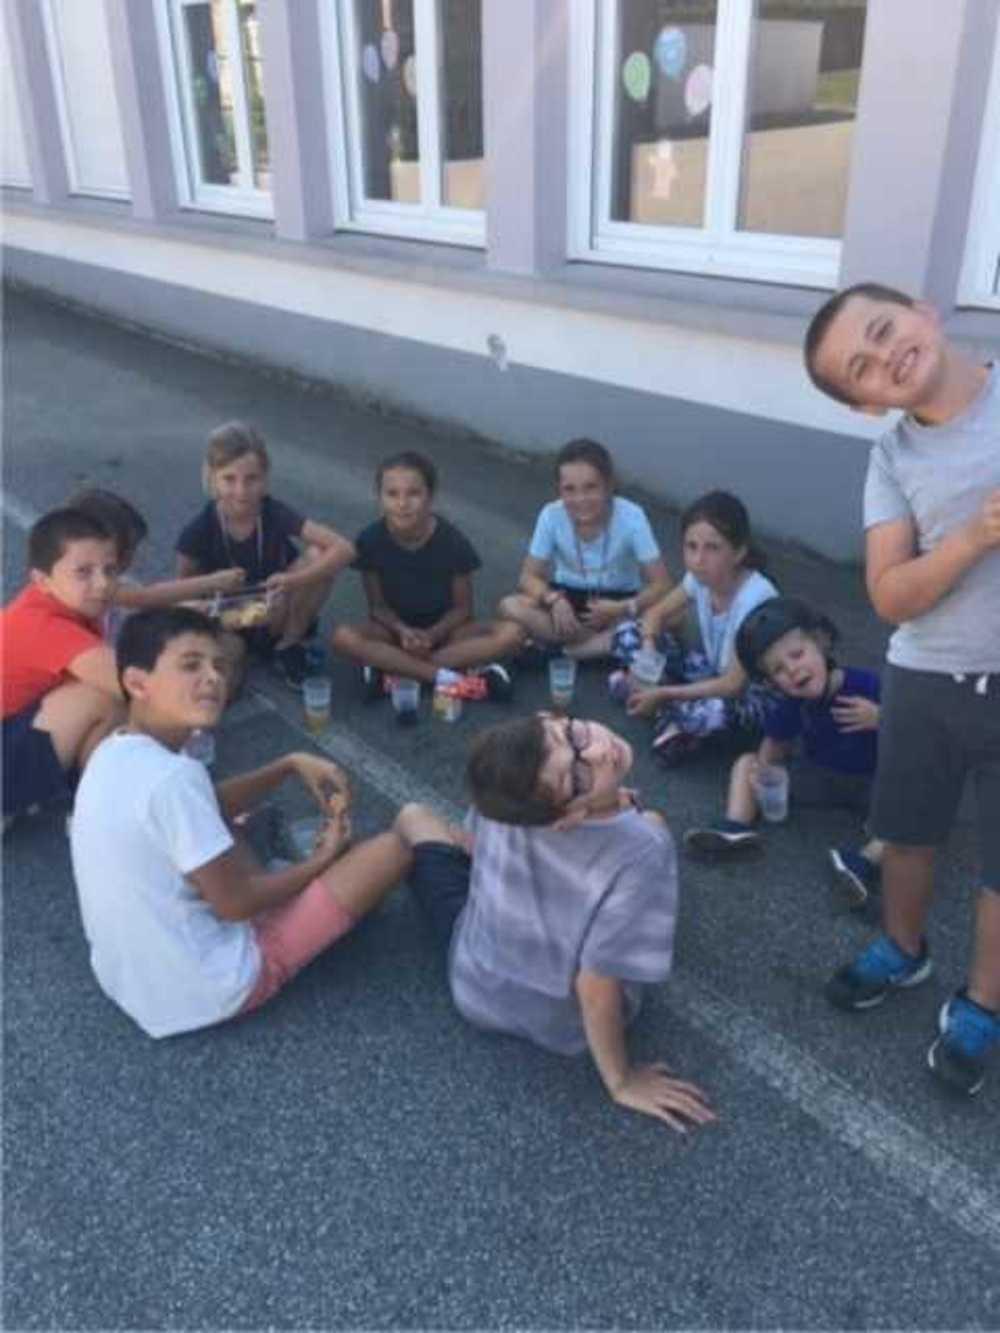 Samedi 14 septembre : Matinée nettoyage à l''école Saint-Pierre image6